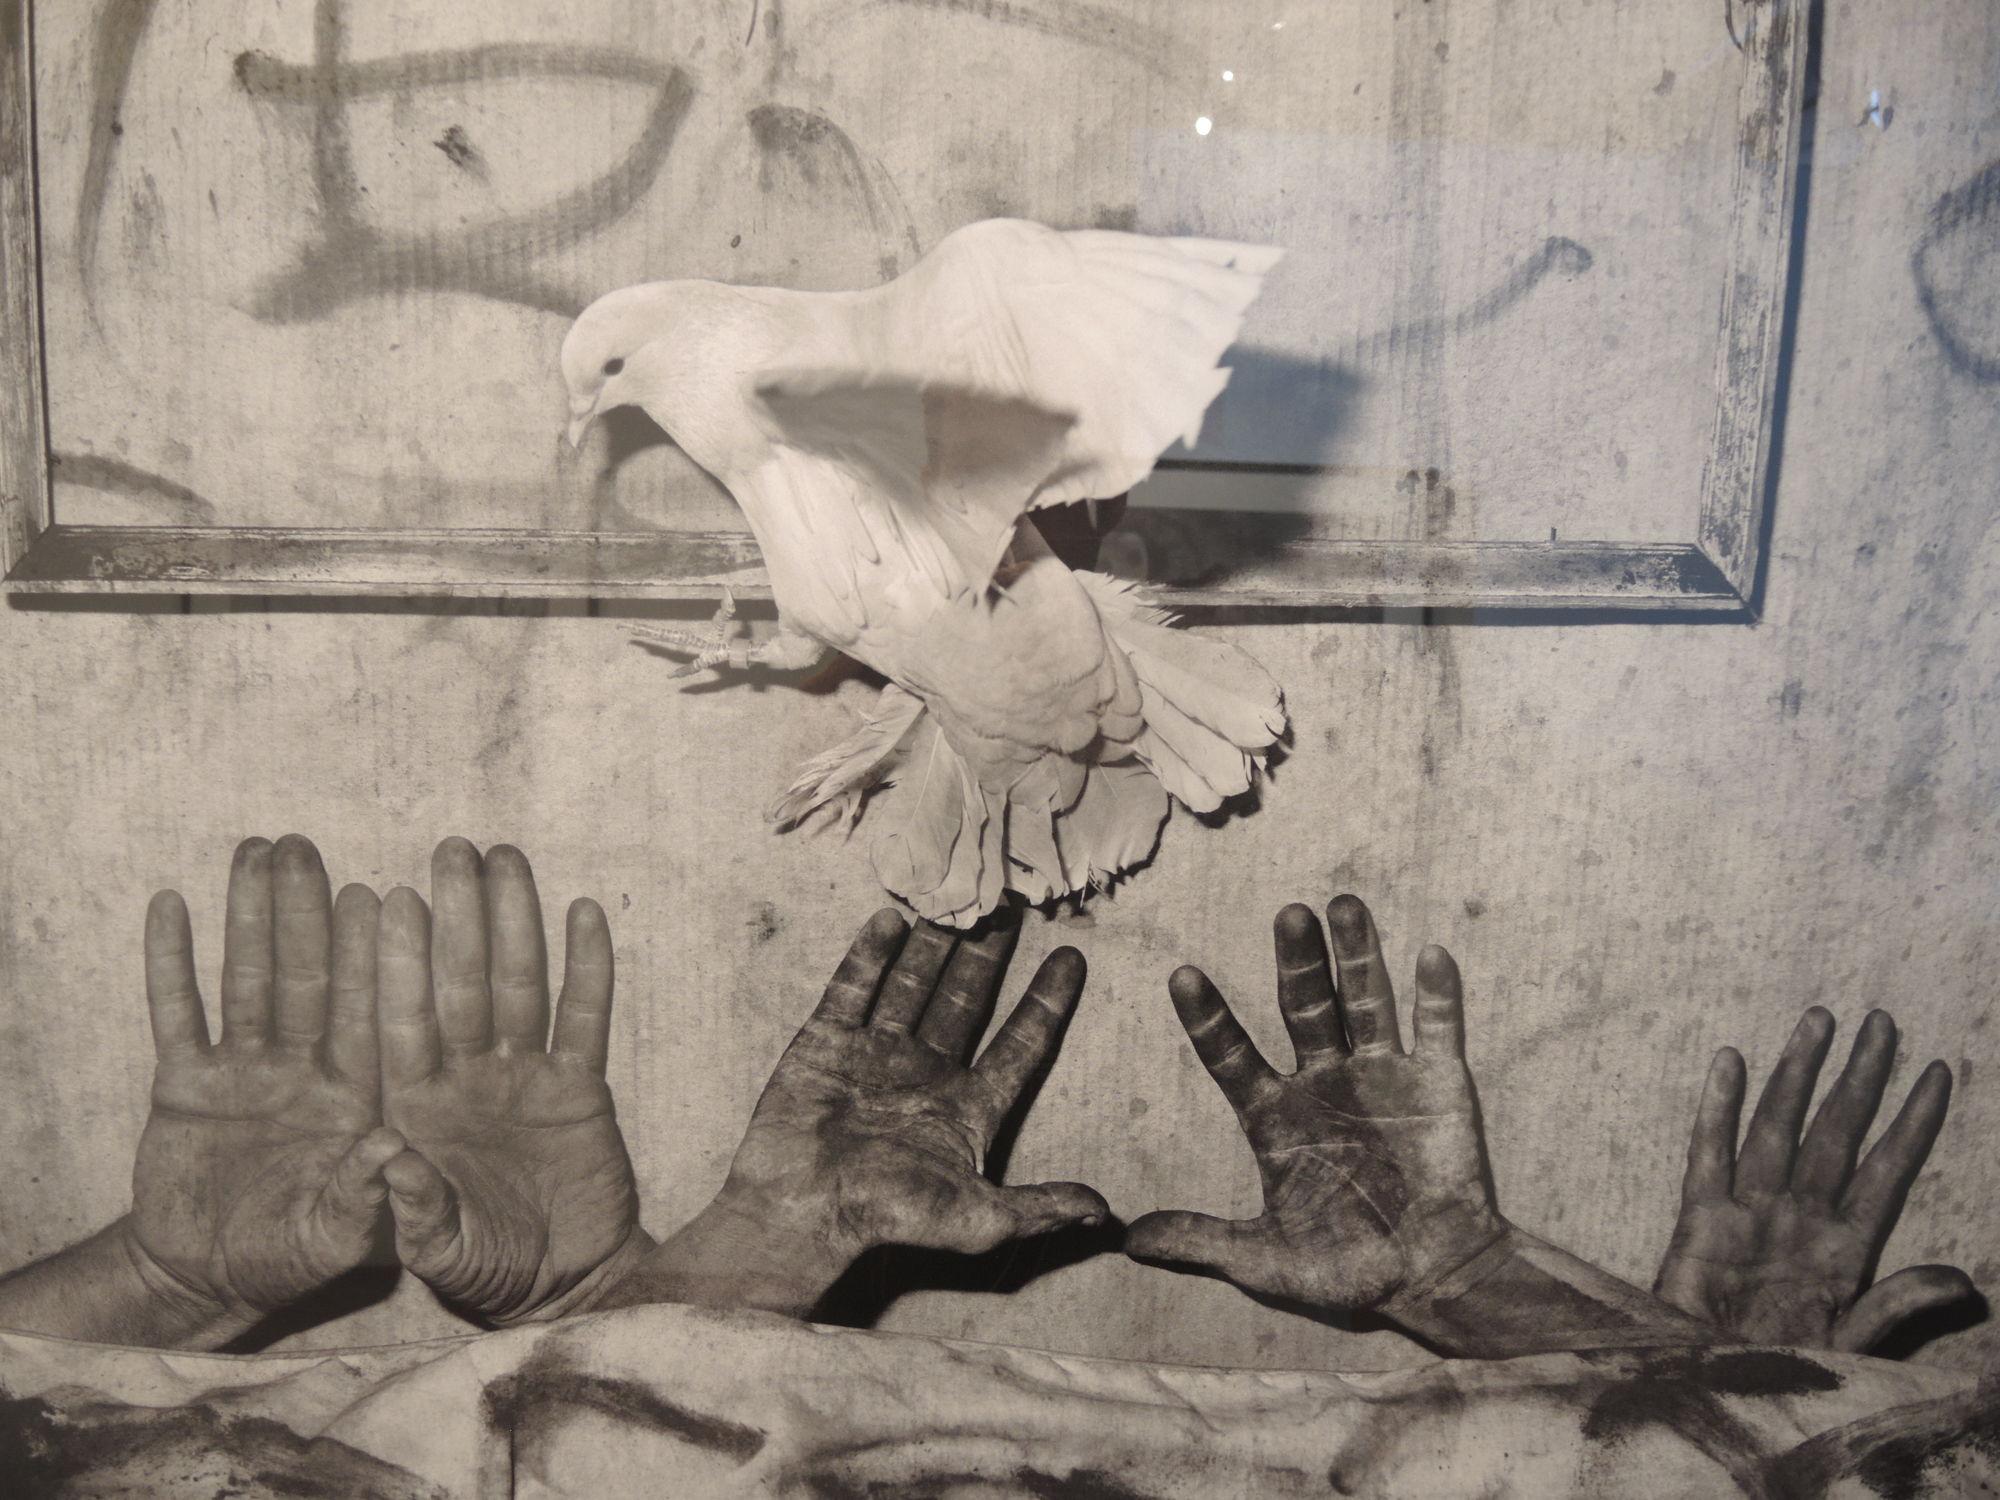 Roger Ballen 'Asylum of the Birds'